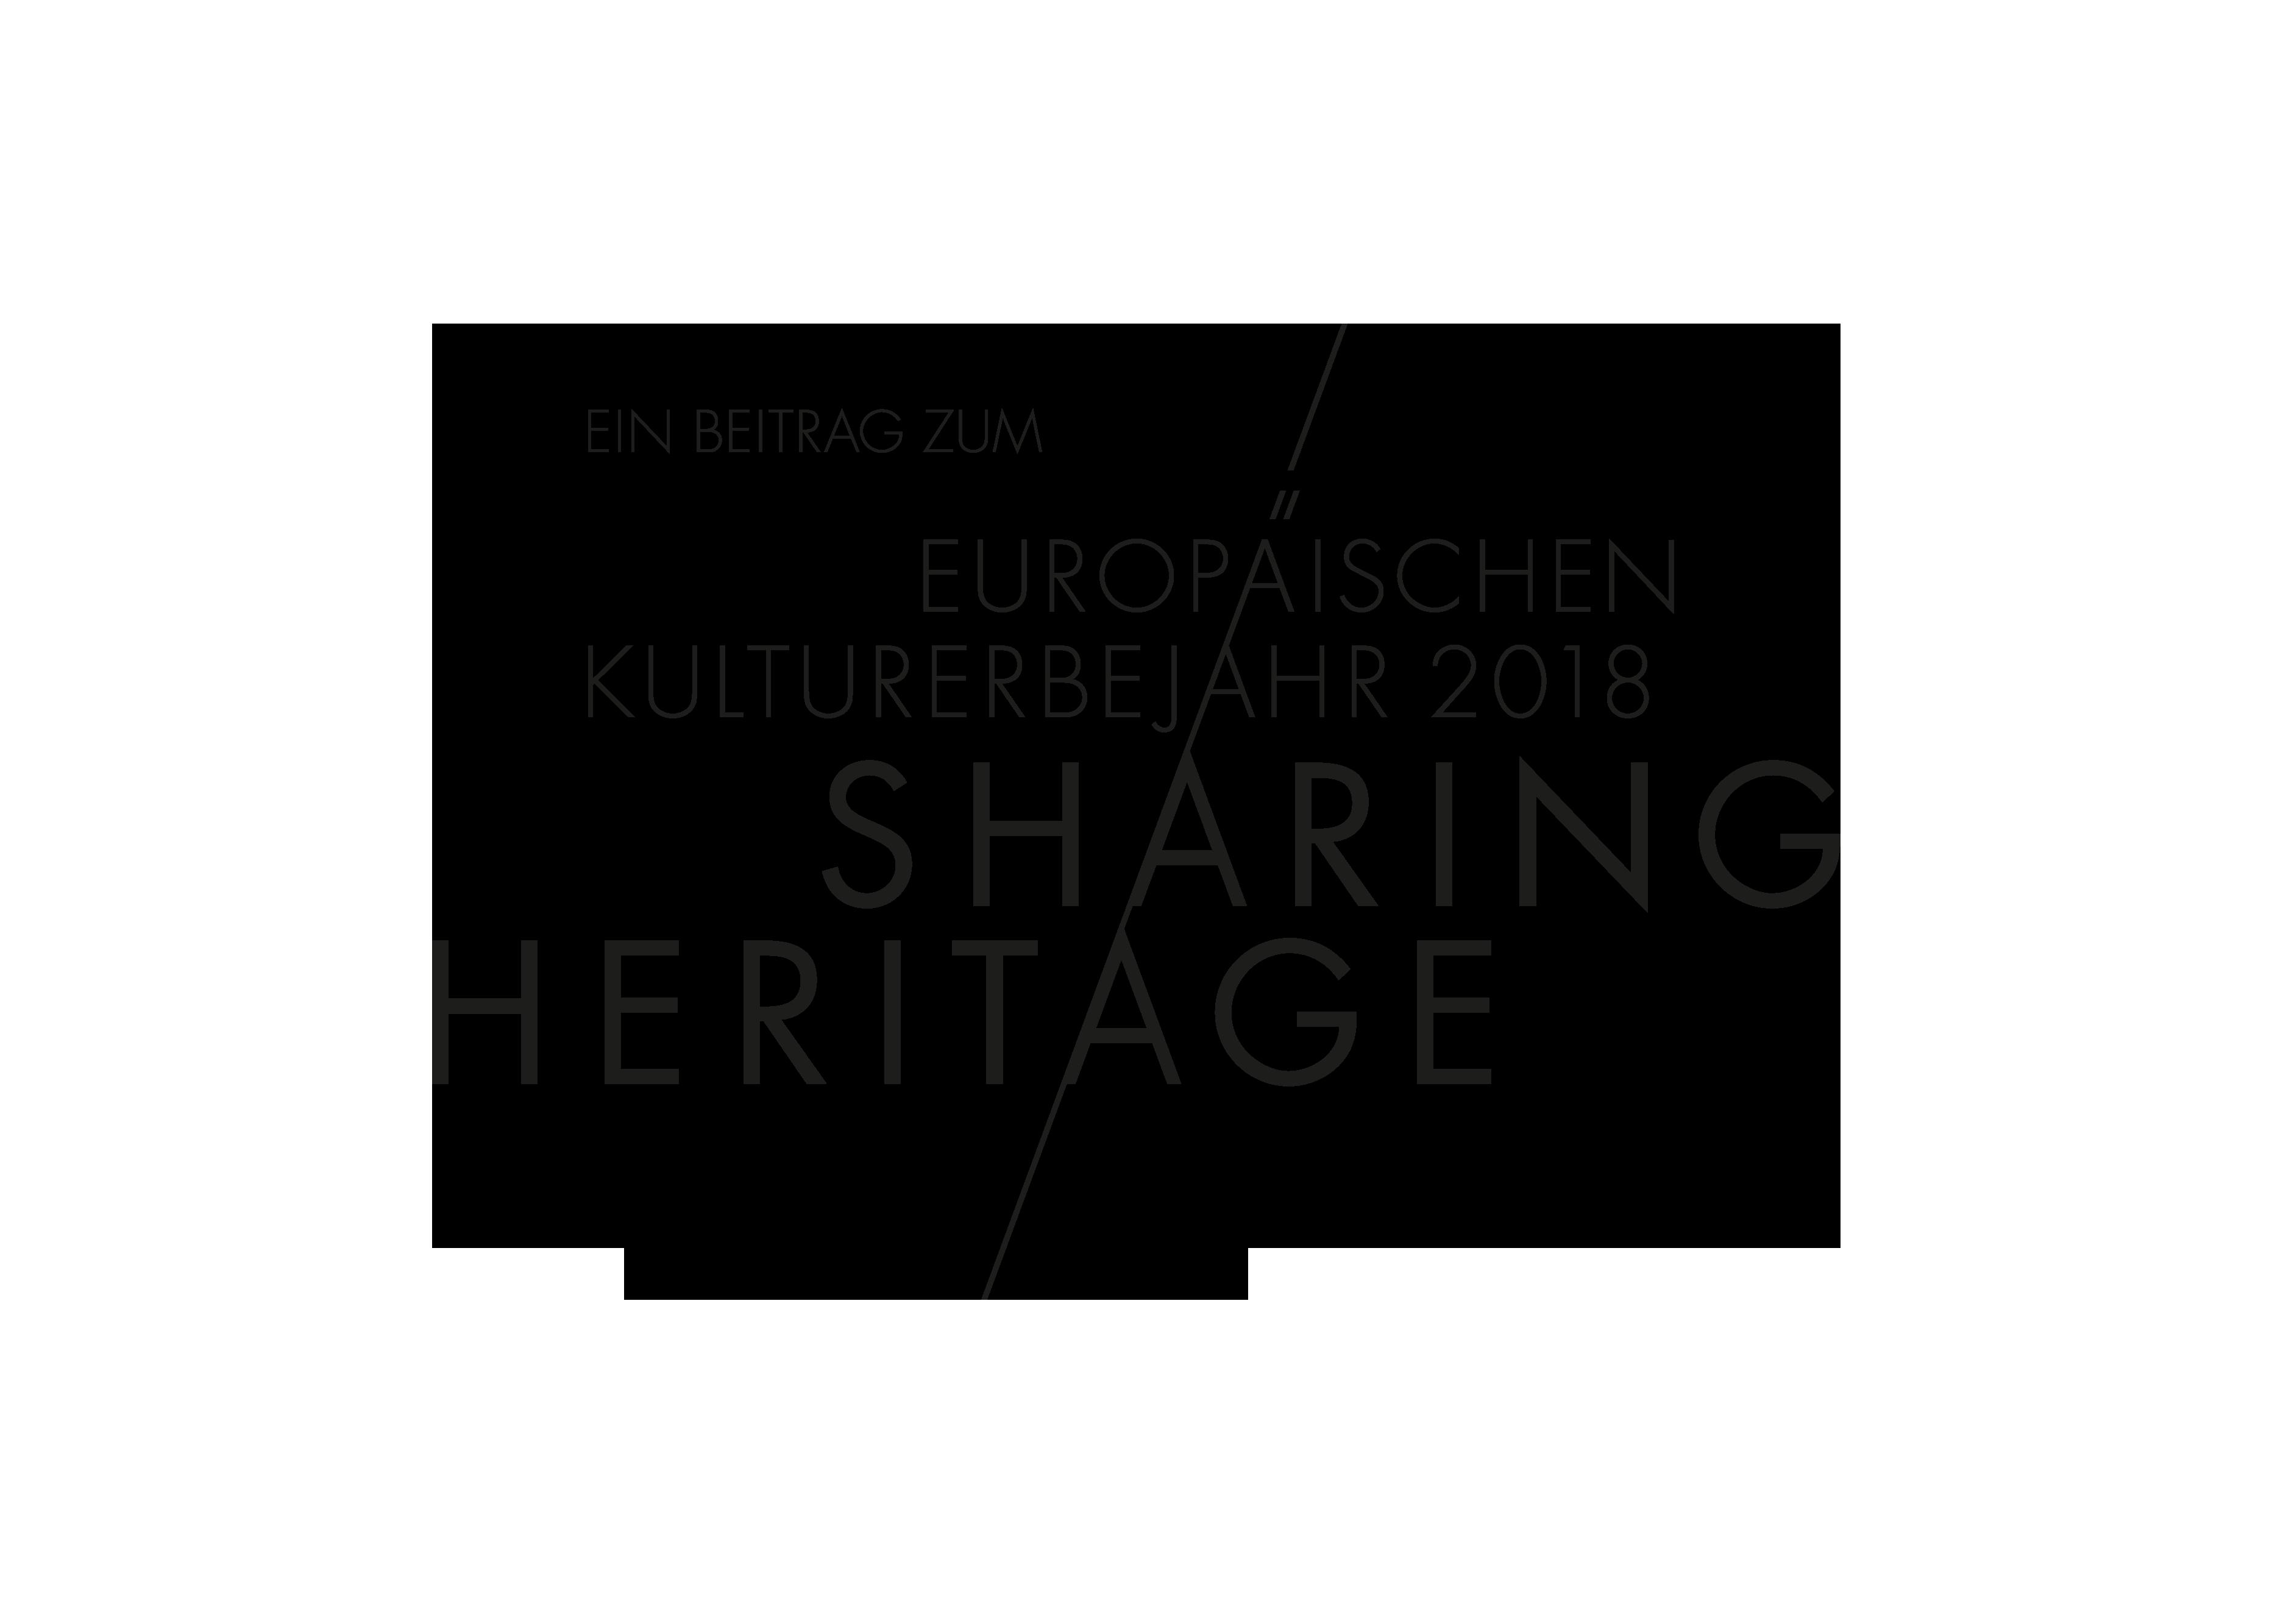 European Heritage Year 2018 SHARING HERITAGE